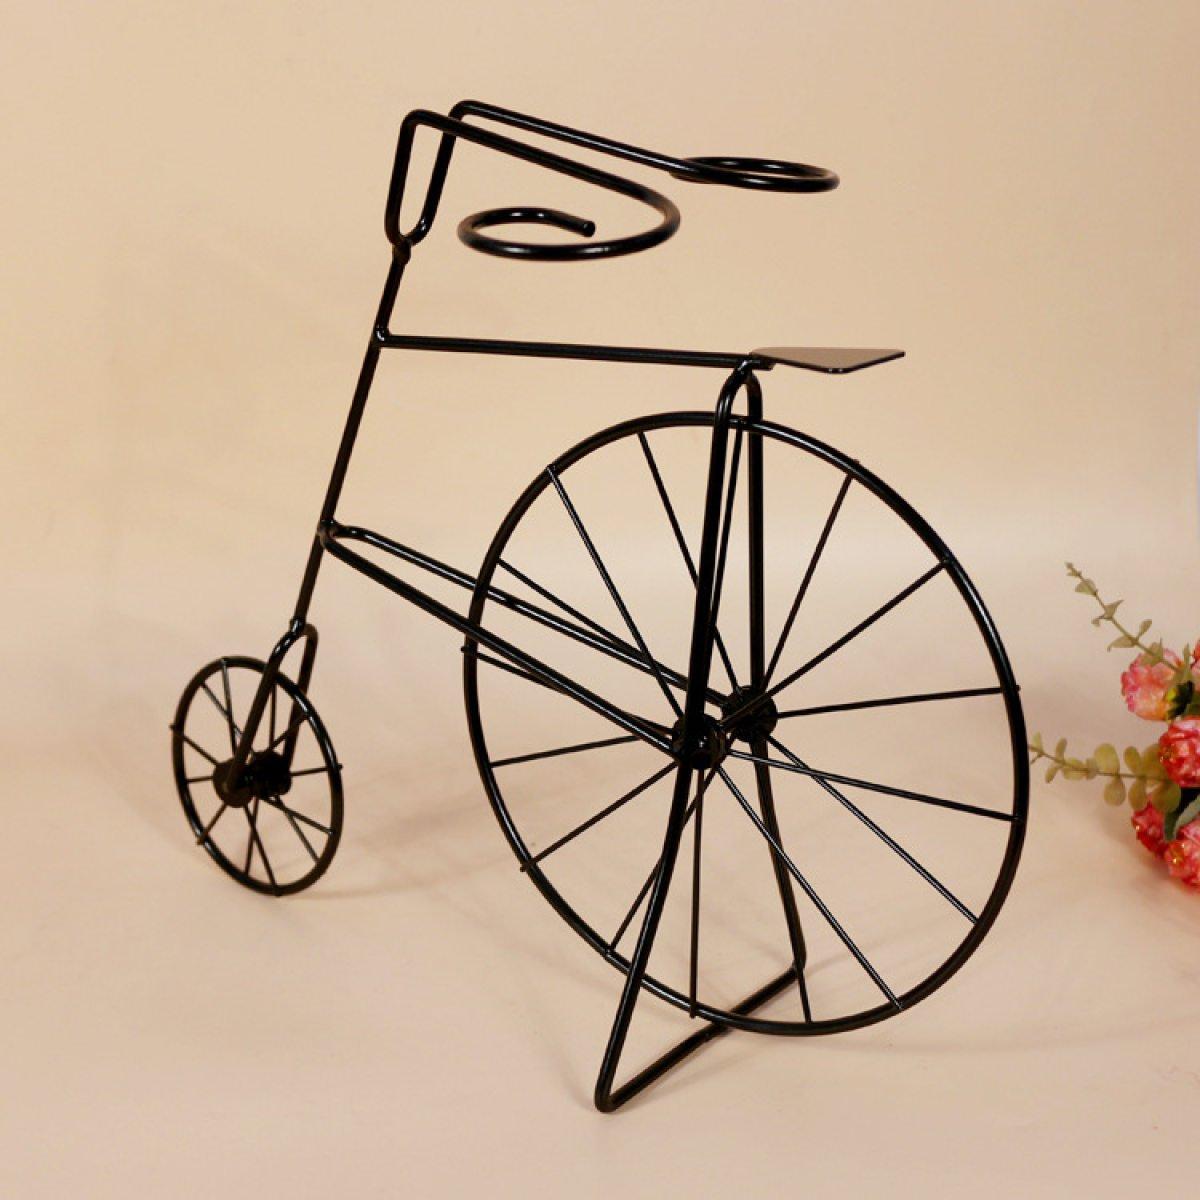 Wkaijc Bicicleta Portavasos La Creatividad La Personalidad La Moda Hierro Ornamentos Rojo Soporte De Vaso De Vino,Black: Amazon.es: Hogar